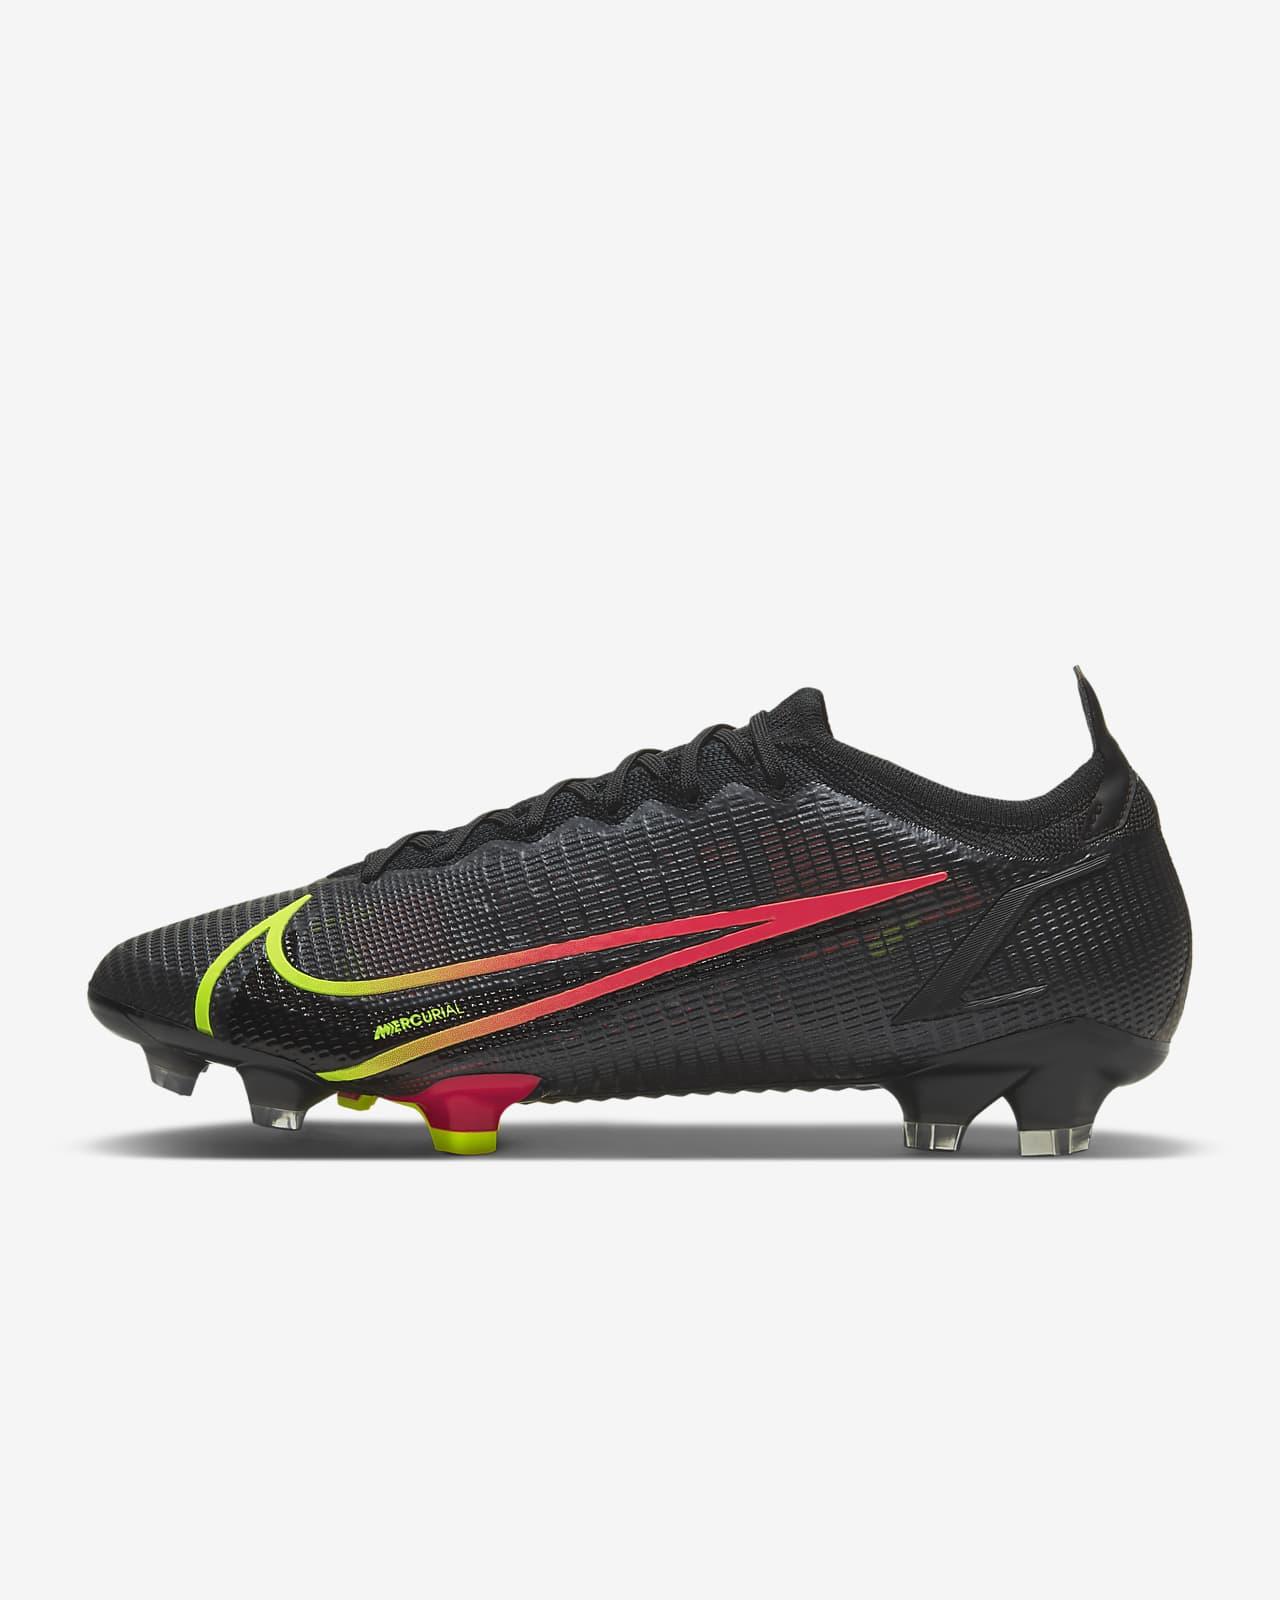 Nike Mercurial Vapor 14 Elite FG fotballsko til gress